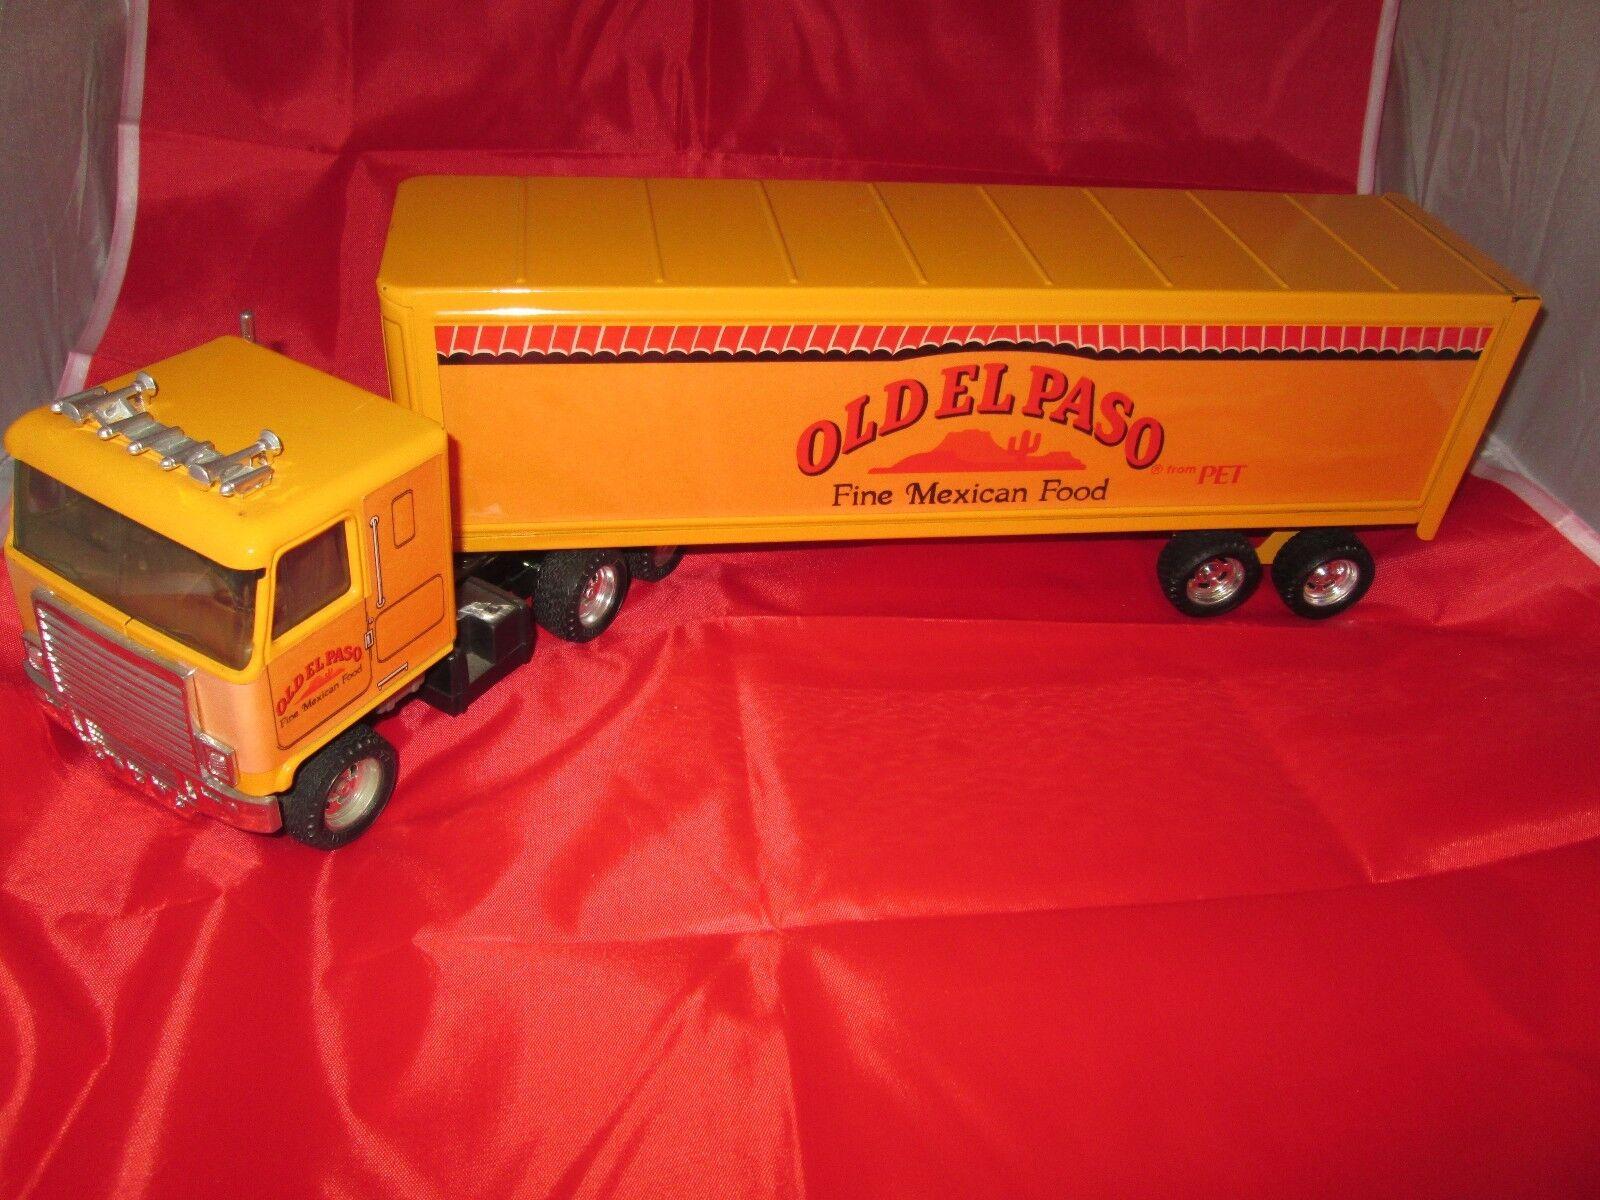 Ertl Old el paso Truck & Trailer tractor semi